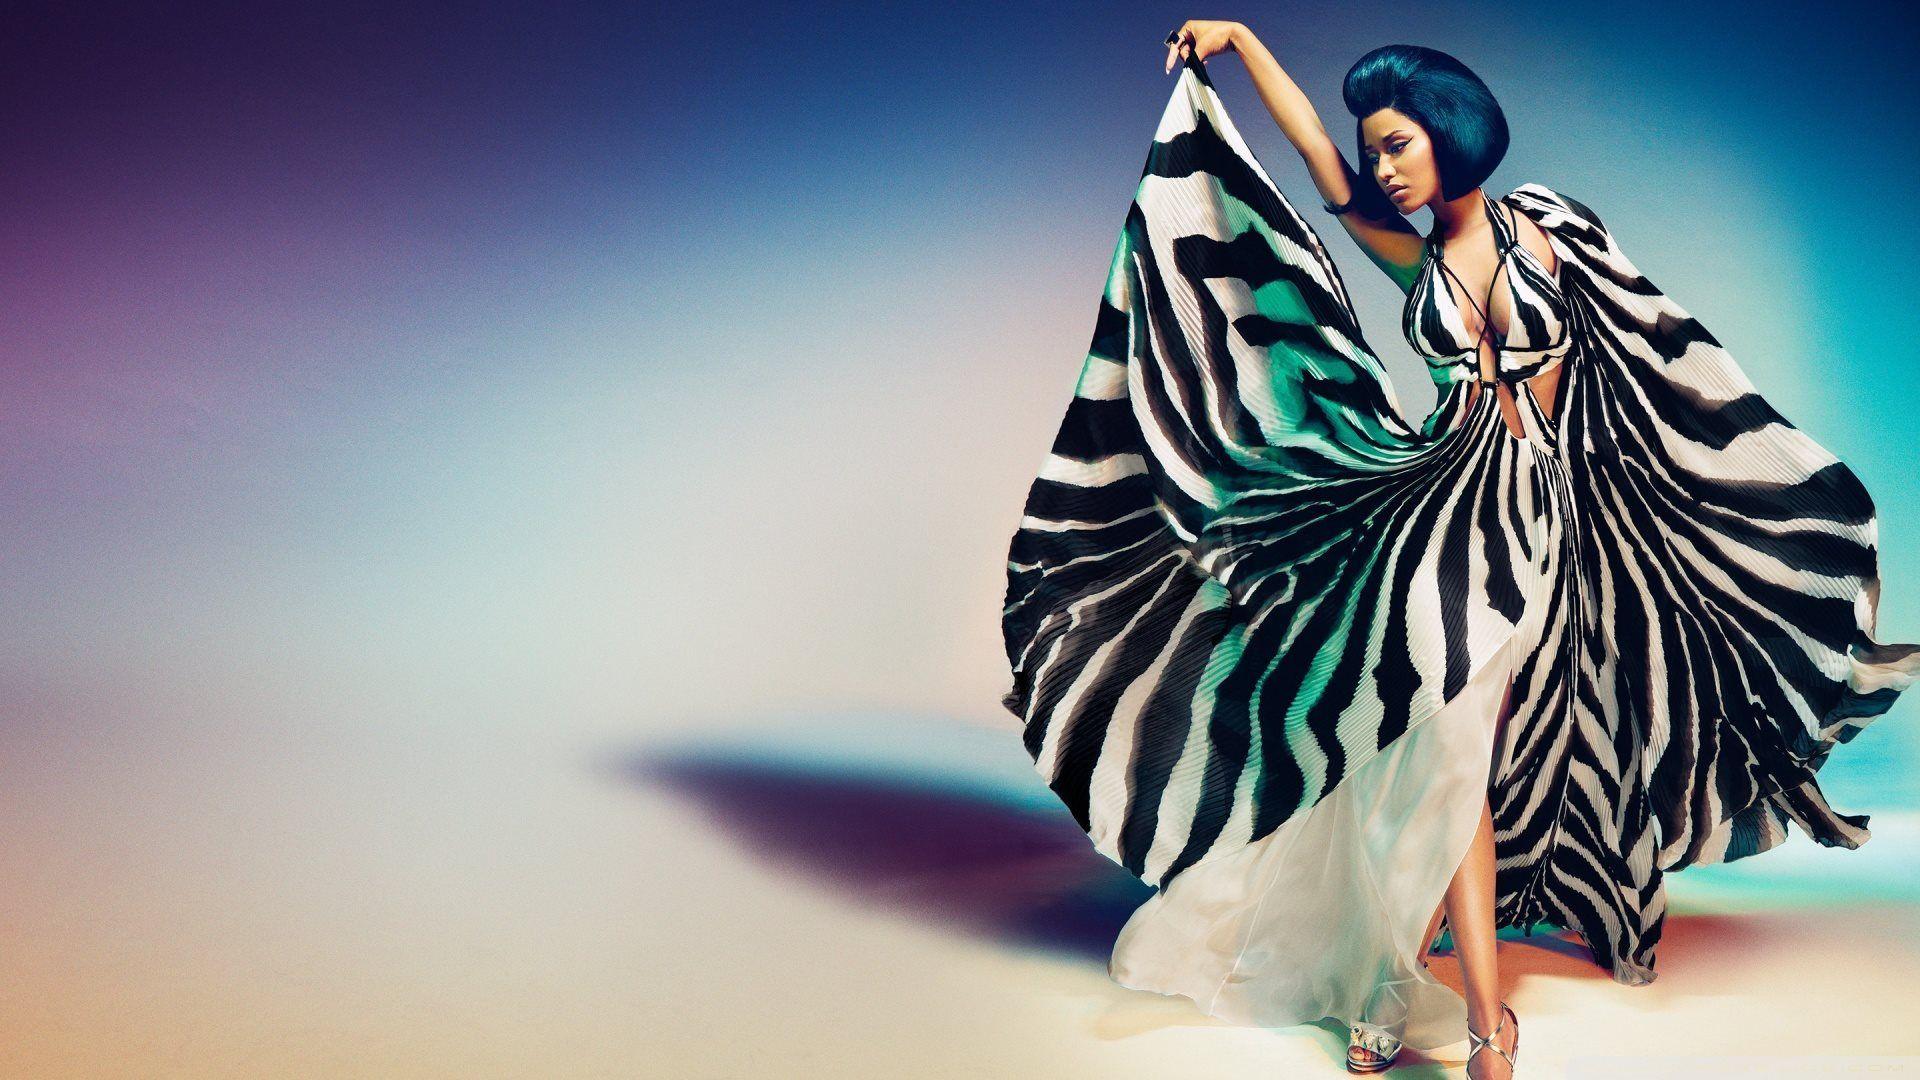 Nicki Minaj Cool Wallpaper